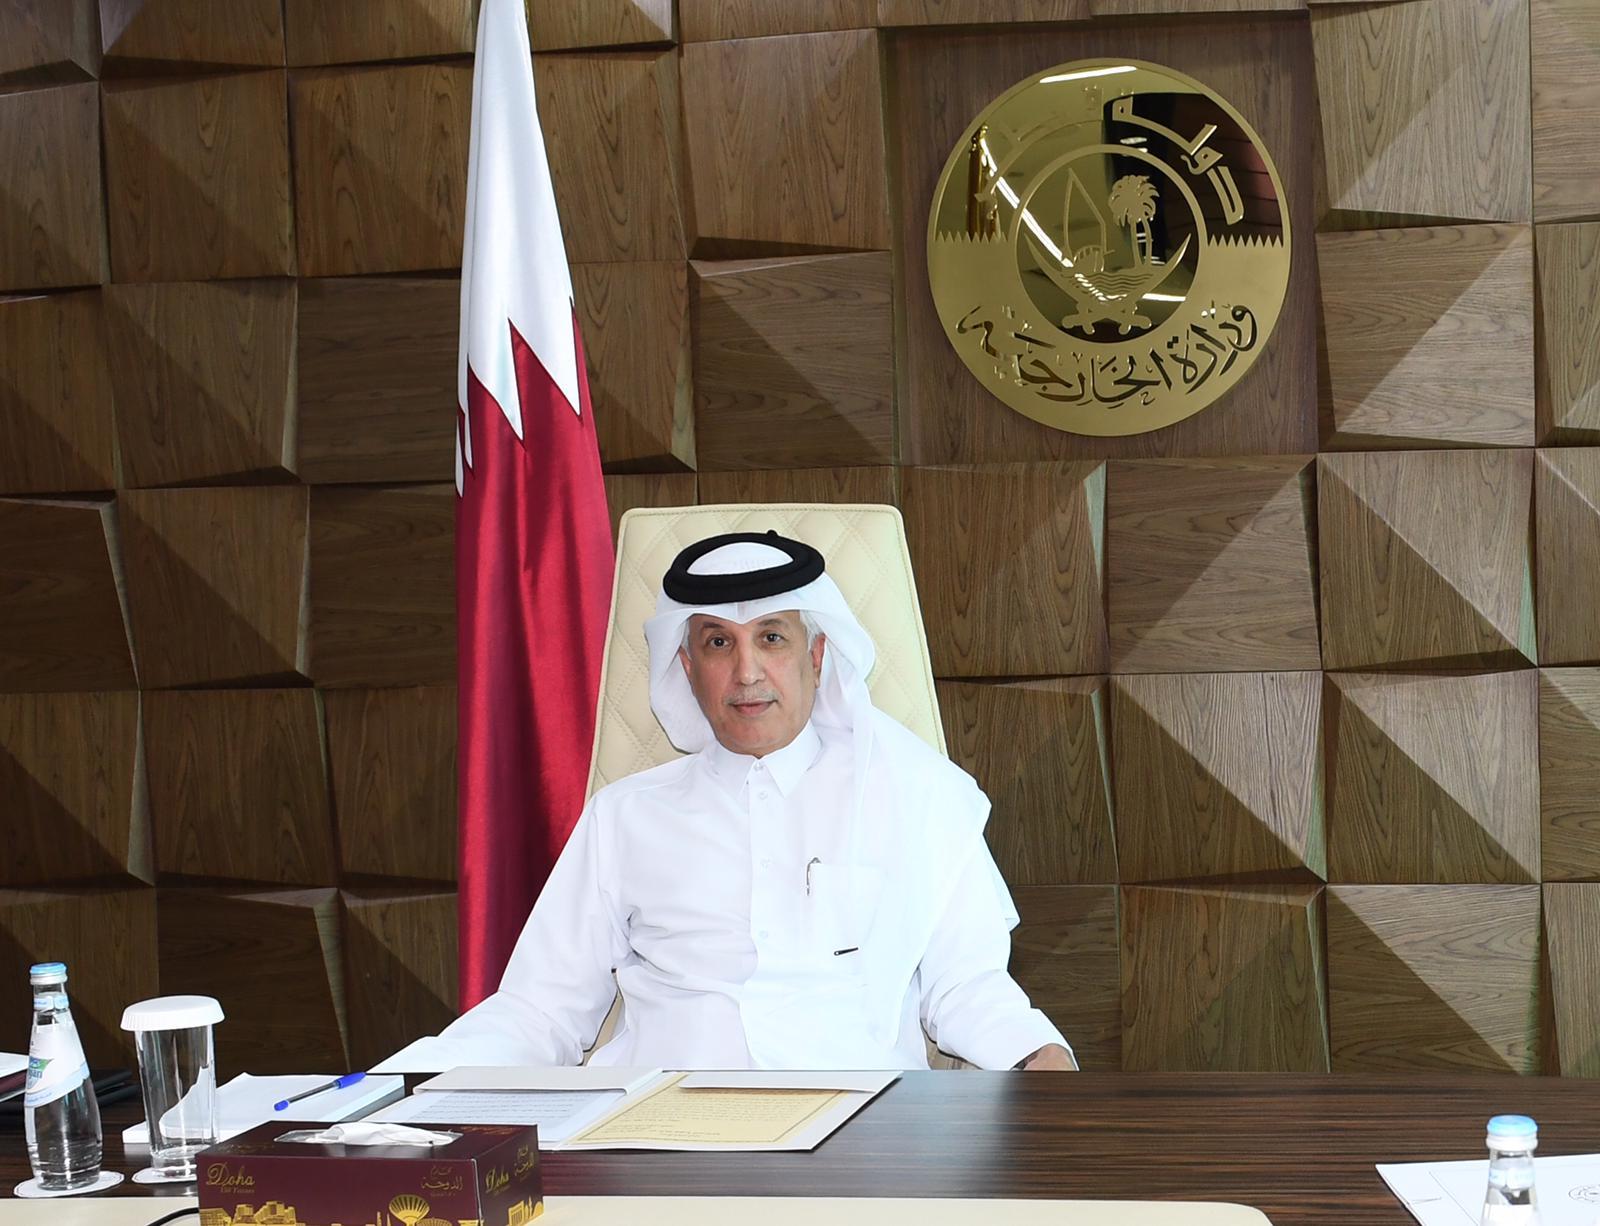 دولة قطر تشارك في الاجتماع الوزاري المشترك بين مجلس التعاون والصين